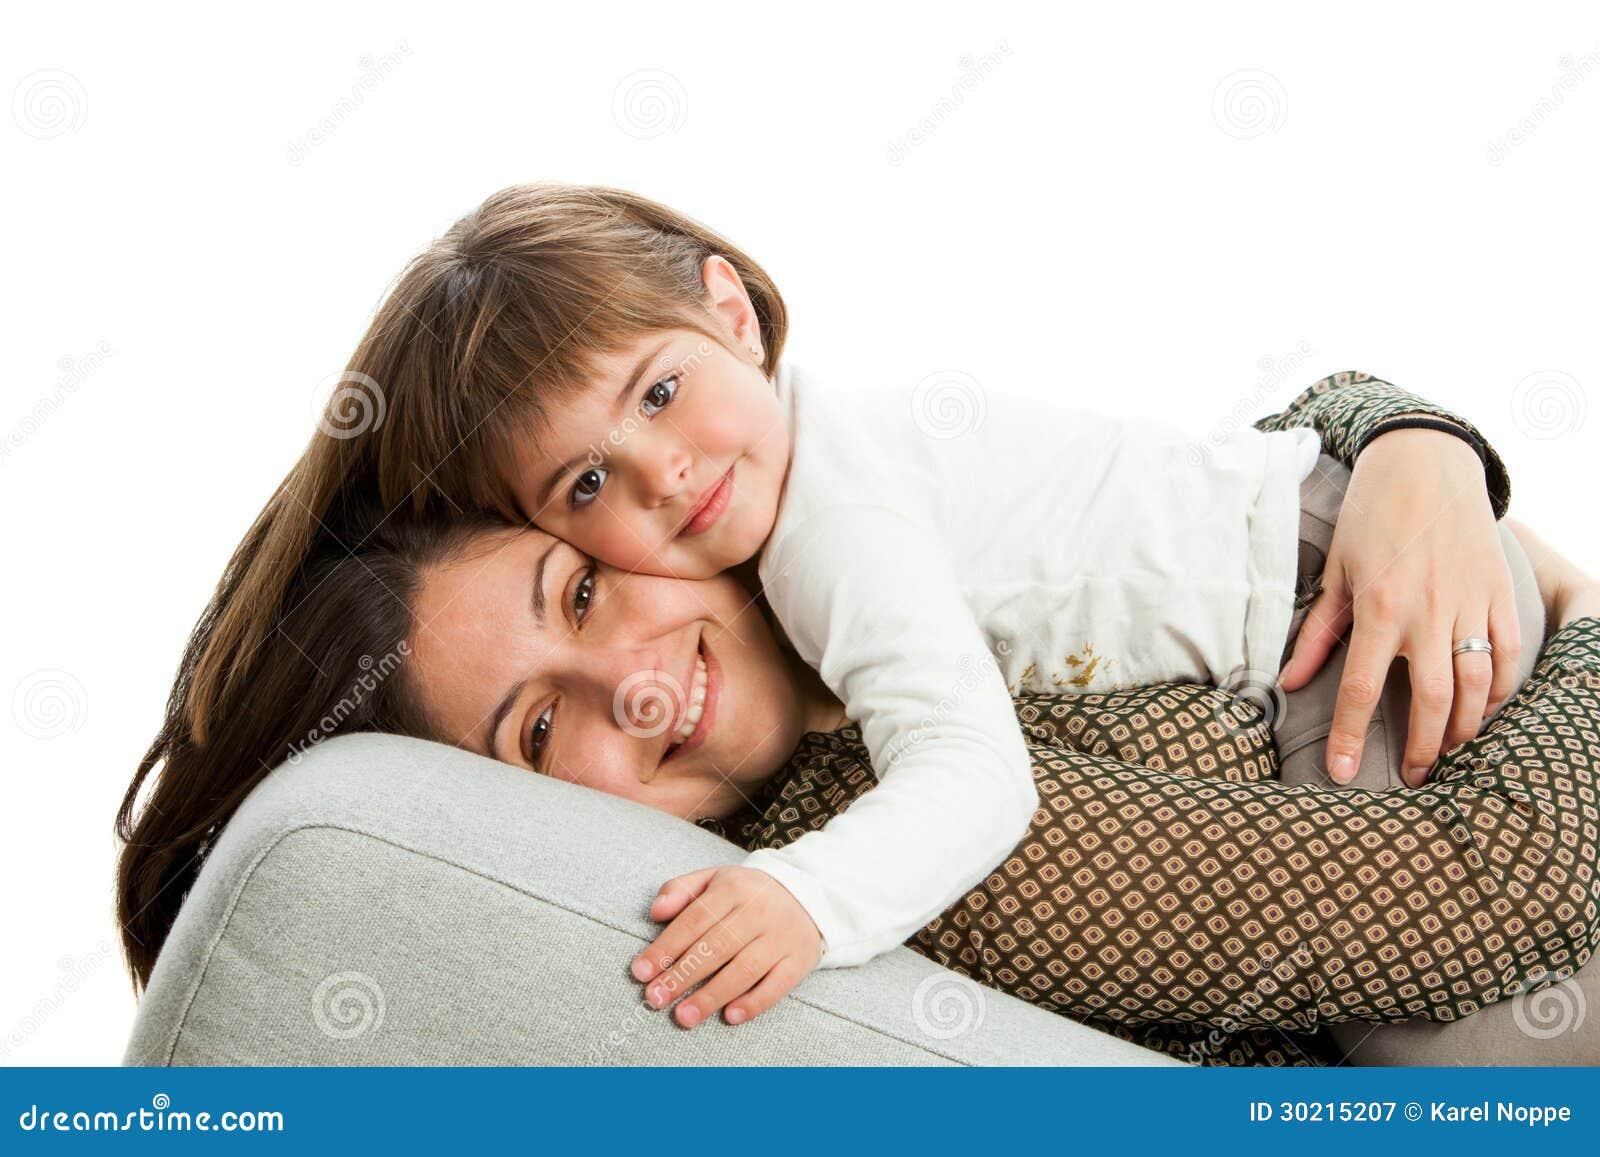 Mom Daughter Lesbian Yoga